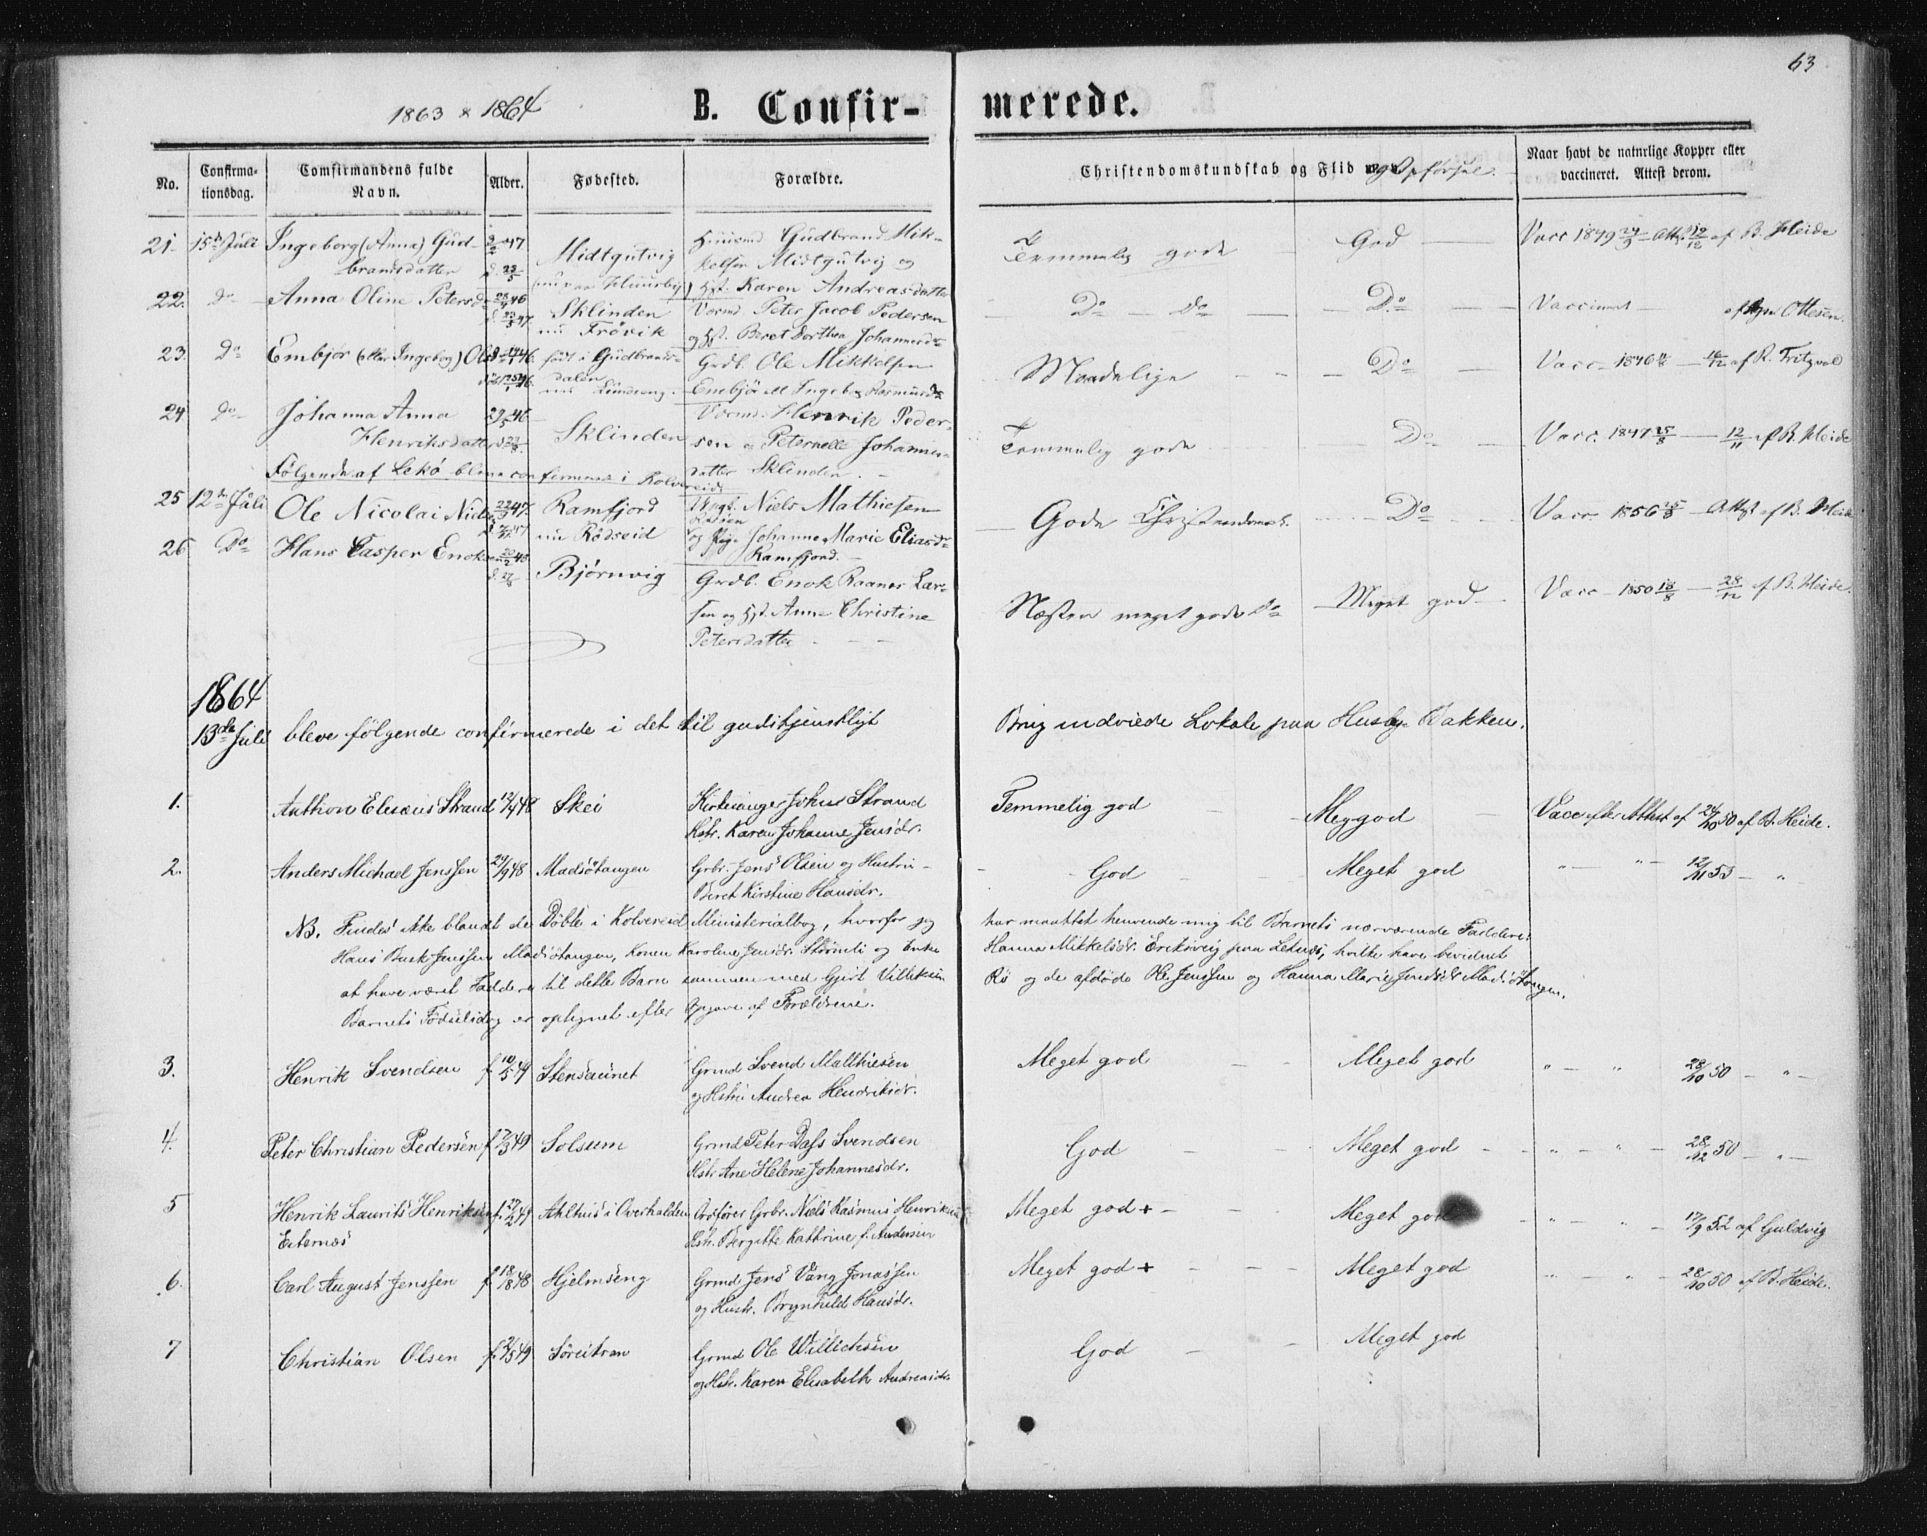 SAT, Ministerialprotokoller, klokkerbøker og fødselsregistre - Nord-Trøndelag, 788/L0696: Ministerialbok nr. 788A03, 1863-1877, s. 63